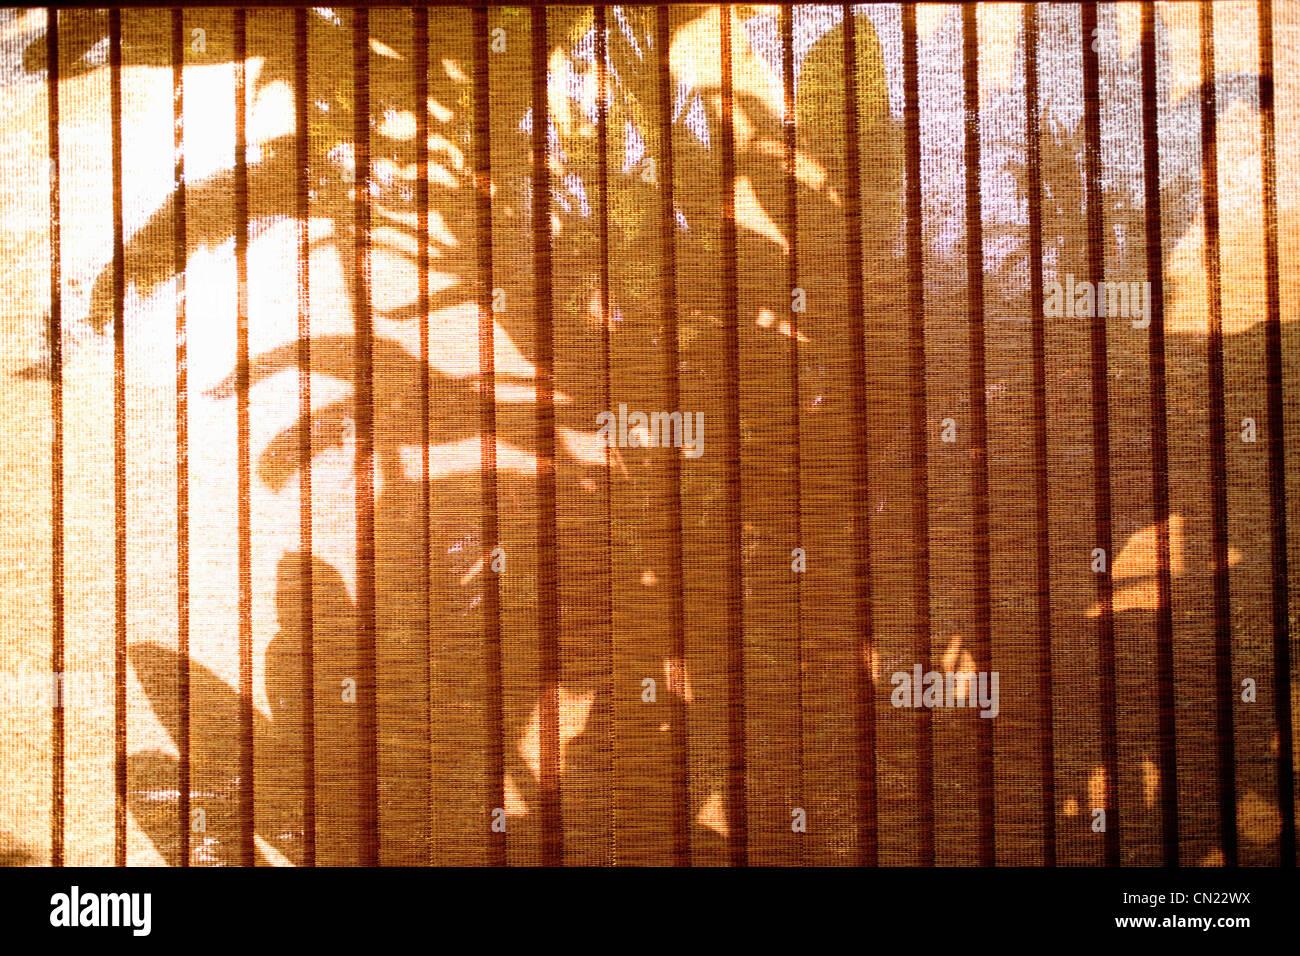 Palm Tree sombras vistos a través de las persianas de la ventana Foto de stock